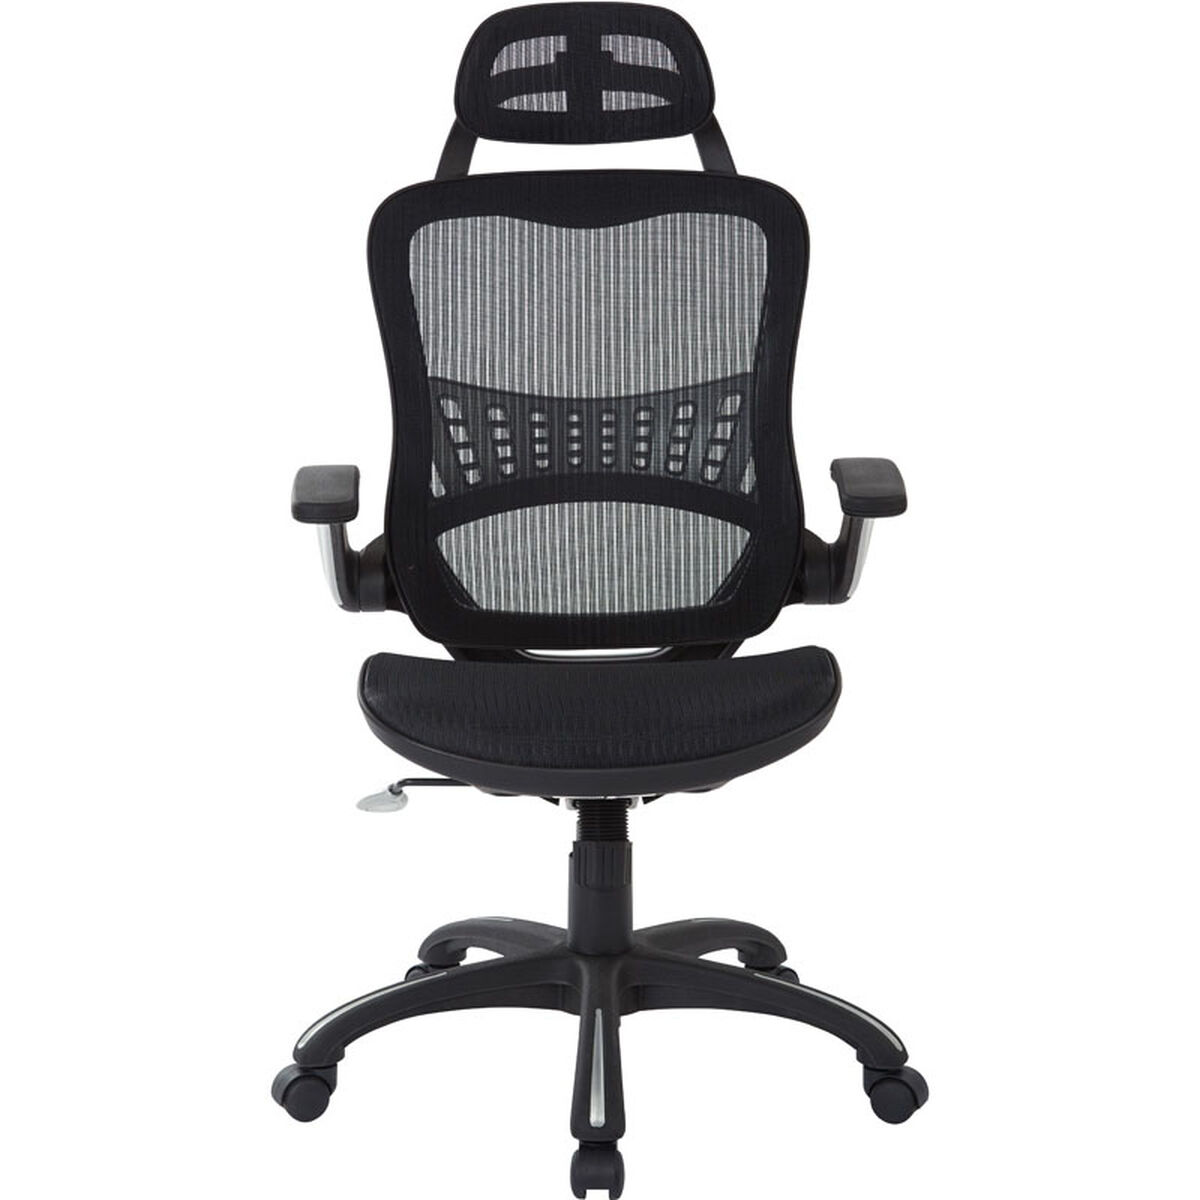 work smart managers chair 69906hr 3 restaurantfurniture4less com